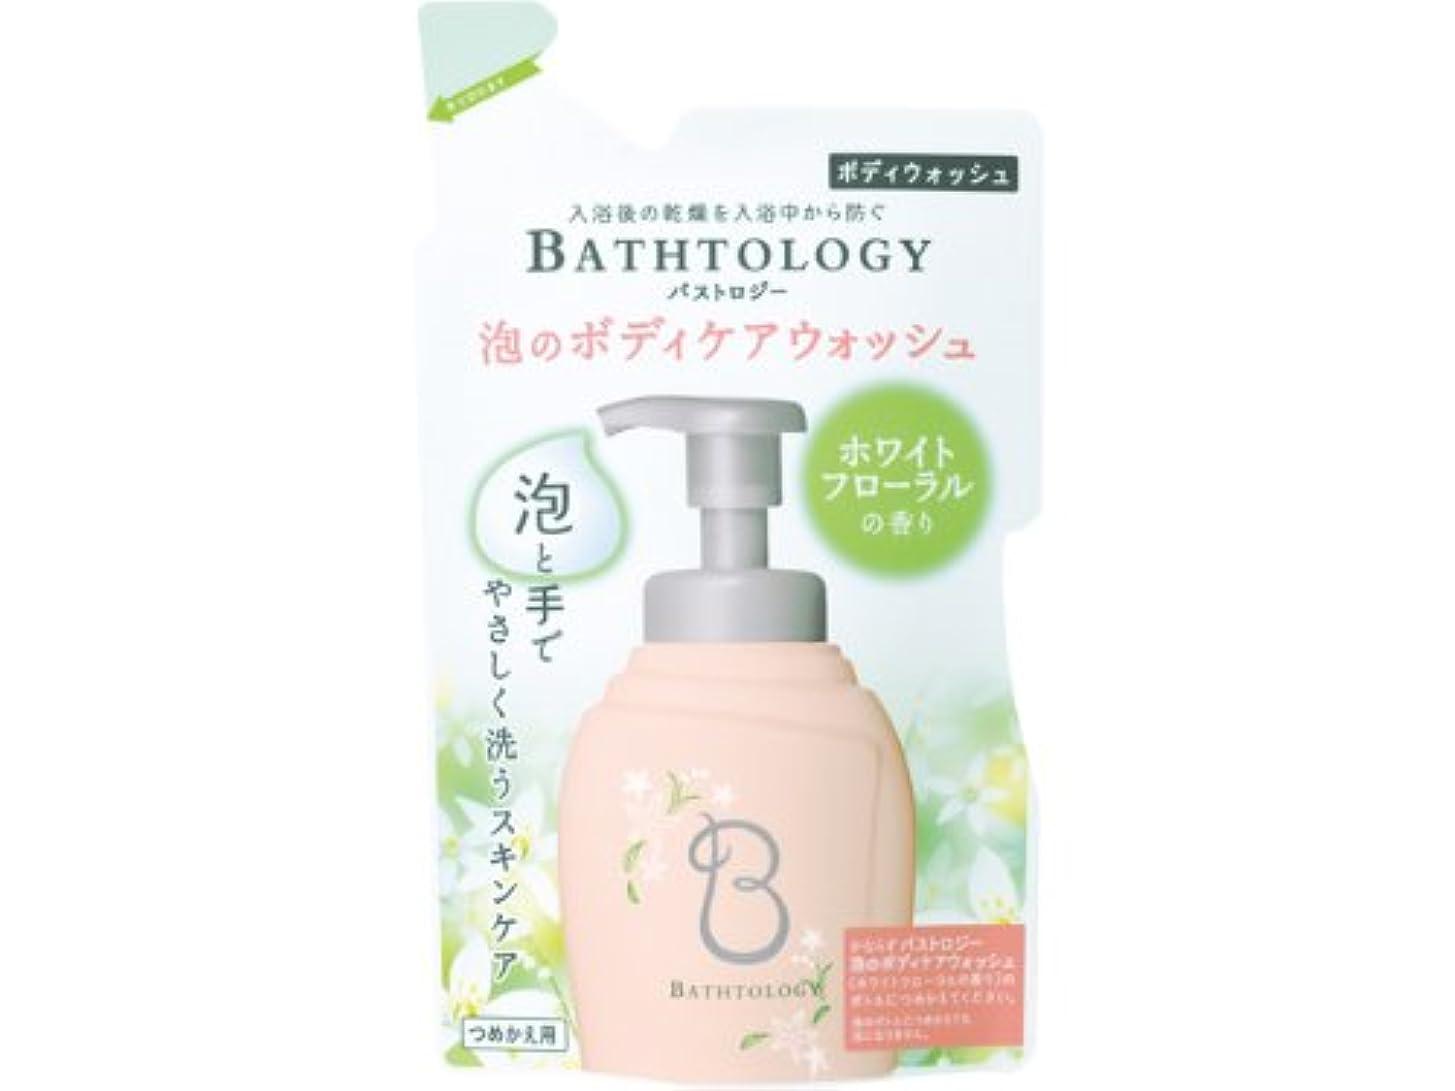 使用法鳥割り込みBATHTOLOGY 泡のボディケアウォッシュ ホワイトフローラルの香り つめかえ用 400ml